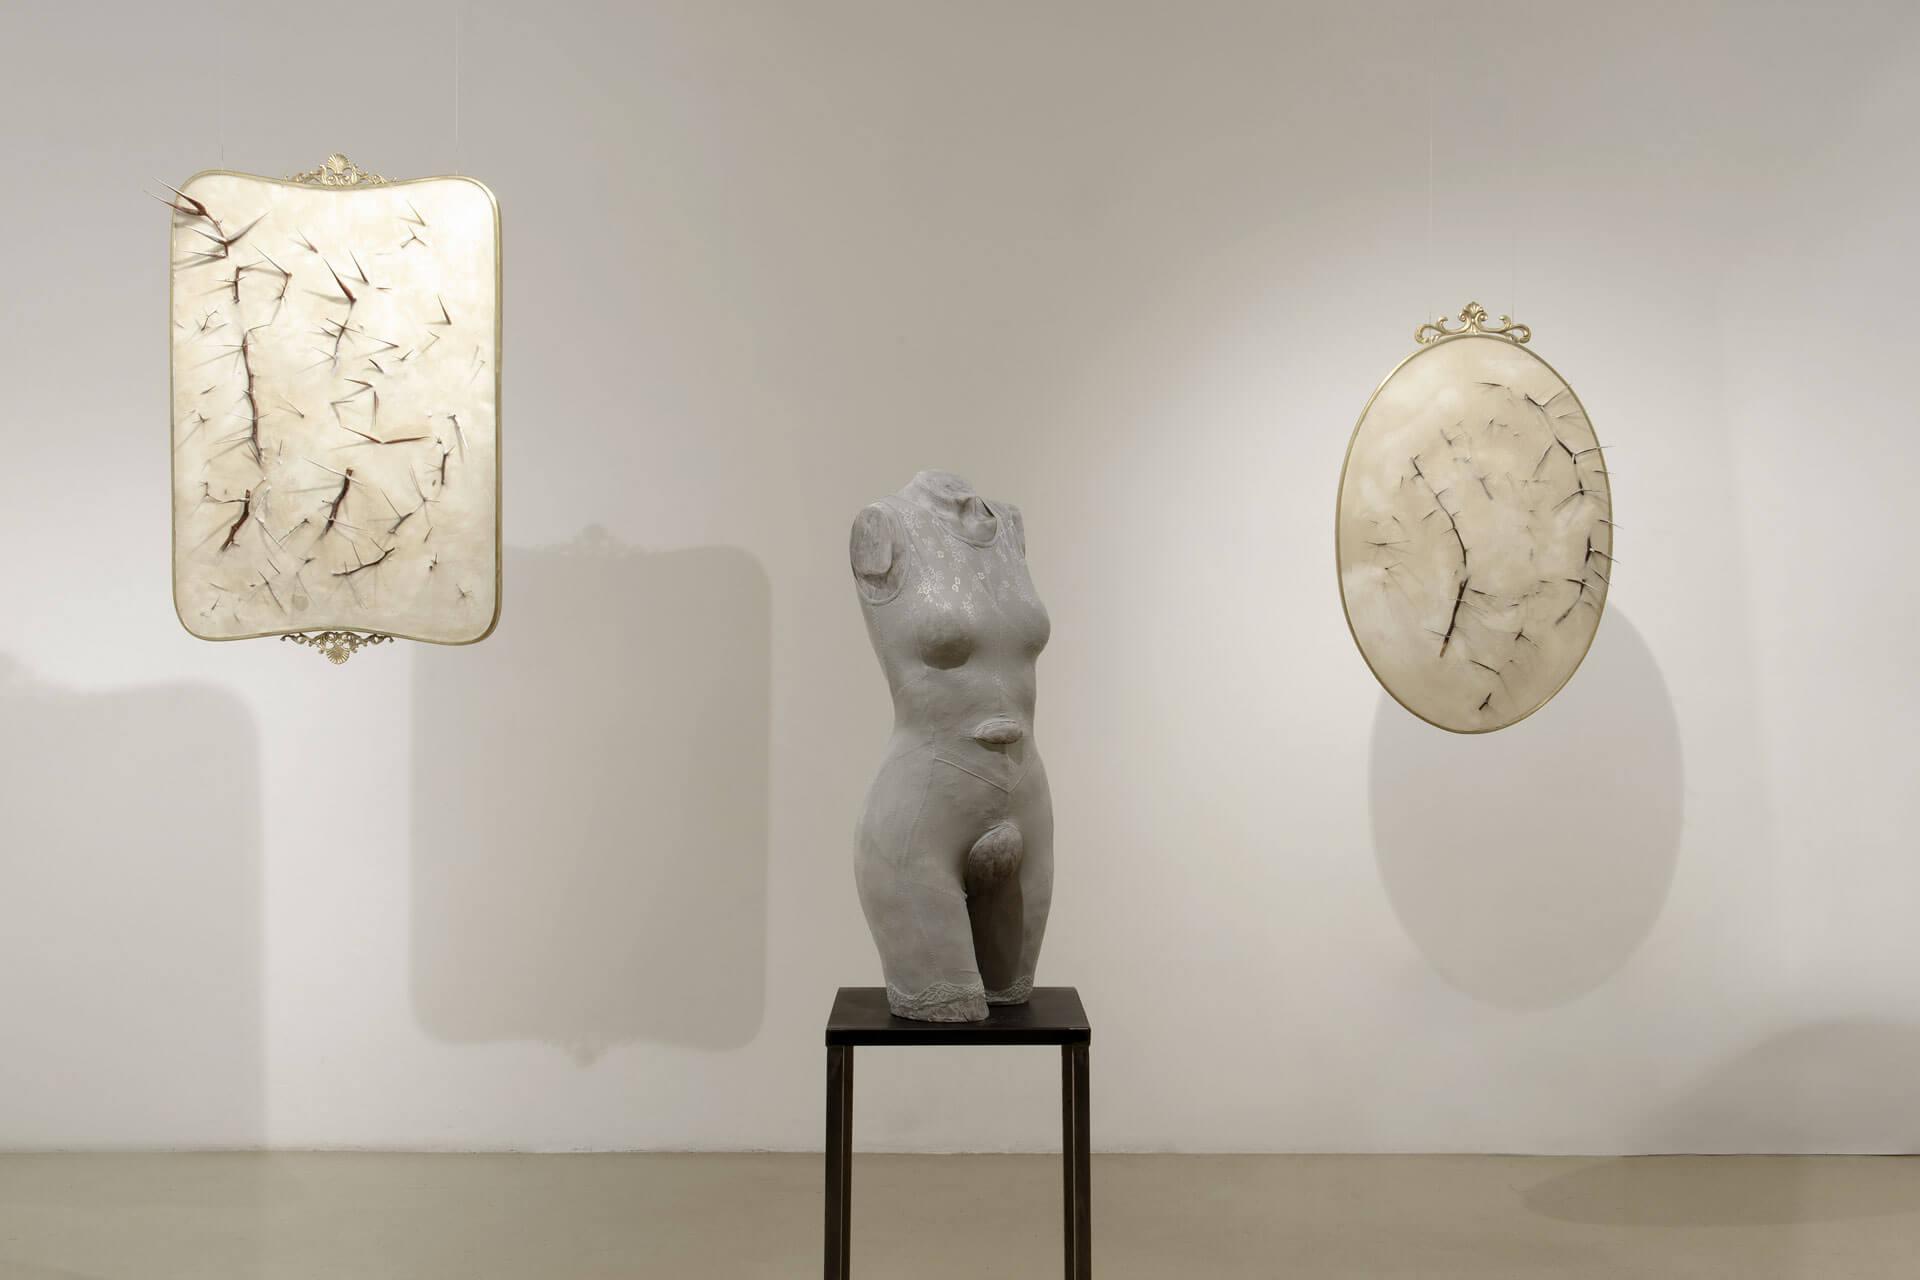 Silvia Giambrone, Il danno, 2018, exhibition view, photo by Giordano Bufo